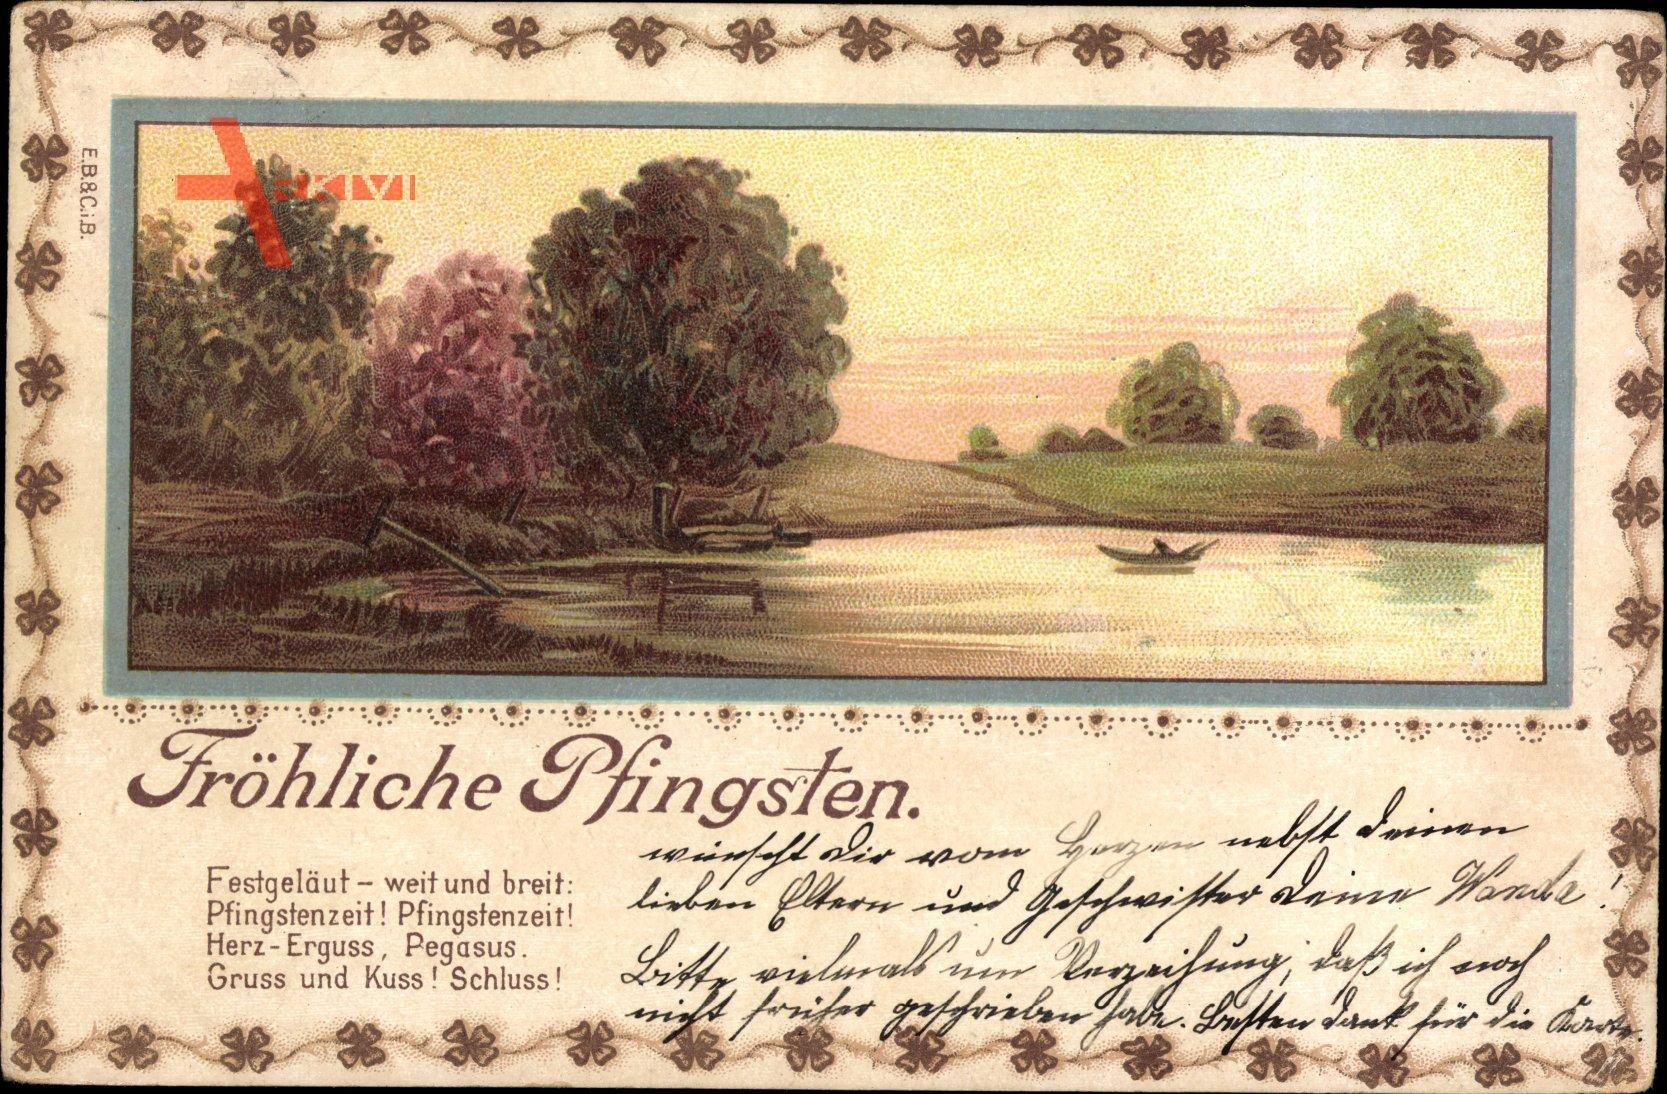 Passepartout Glückwunsch Pfingsten, Herbstlandschaft, Dämmerung, Teich